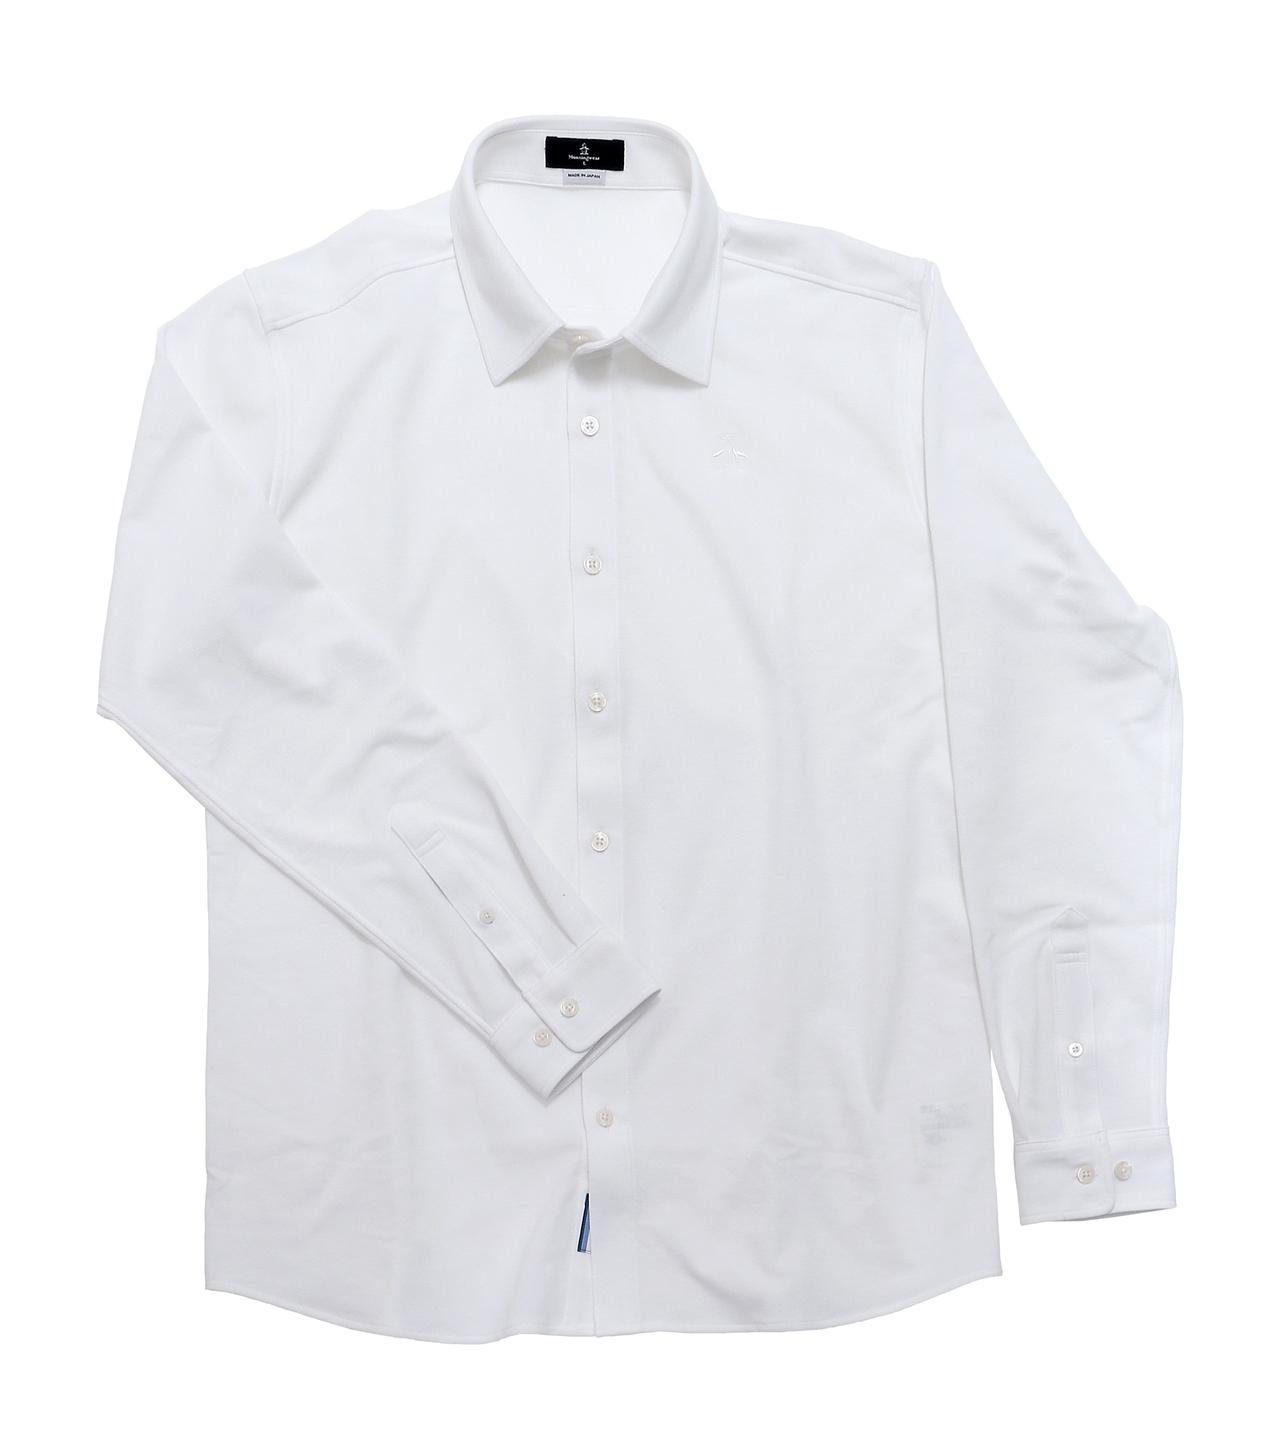 画像: 台襟付きのテーラーカラーシャツなので、きちんと感を備えつつ、カジュアルにも着こなせる